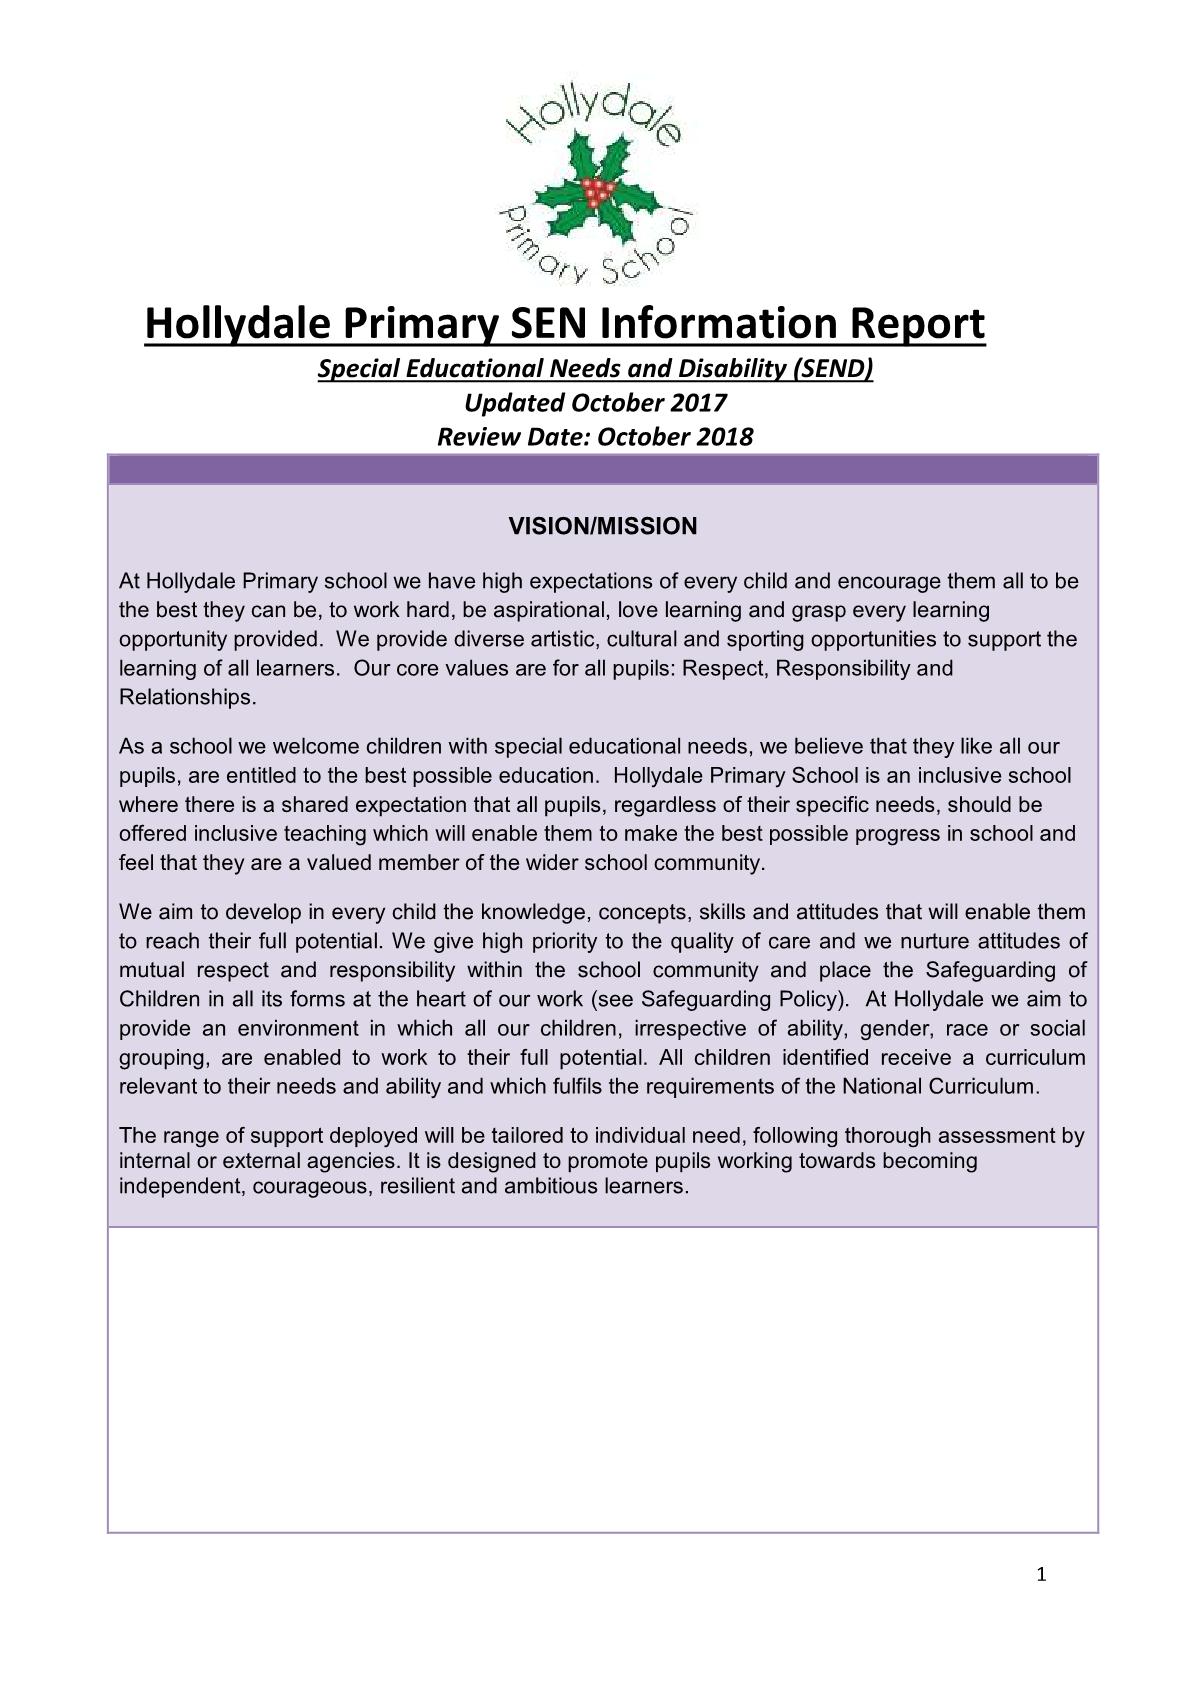 SEN Report